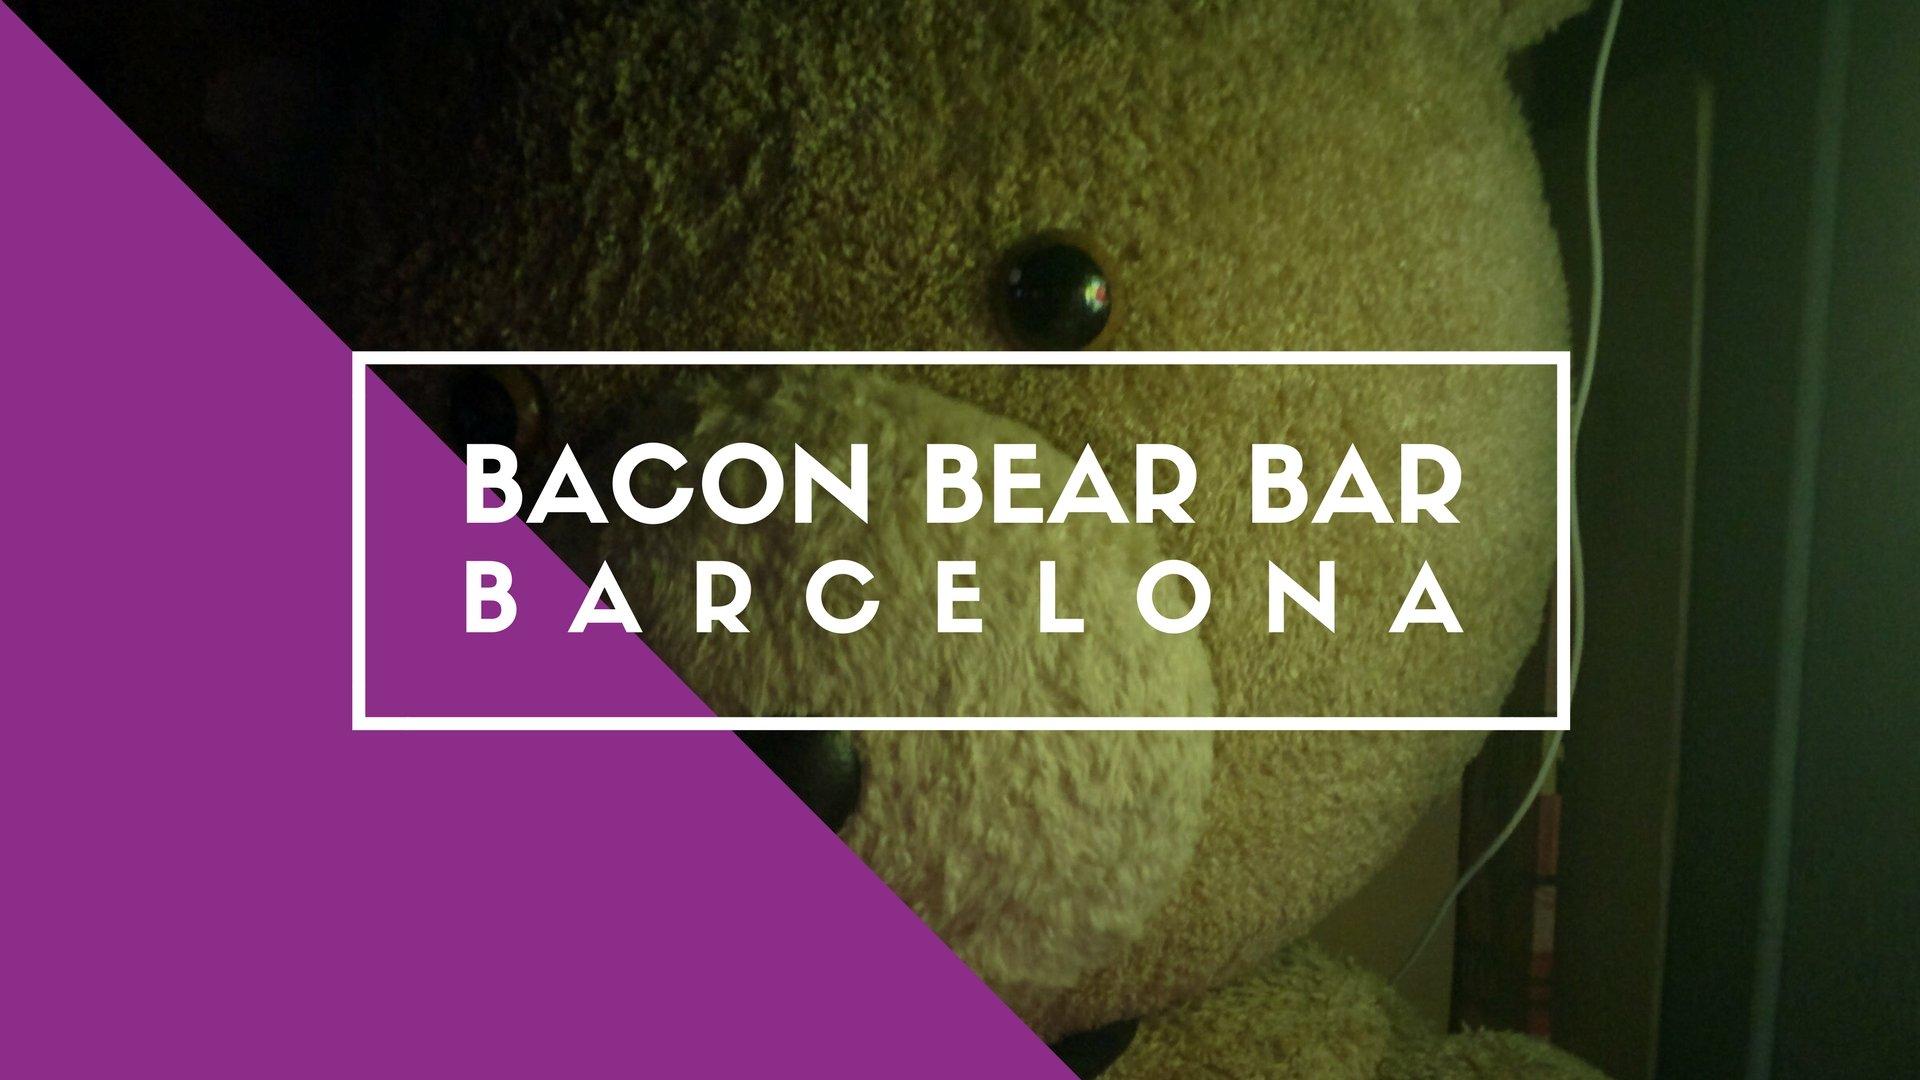 Bacon Bear Bar, Barcelona